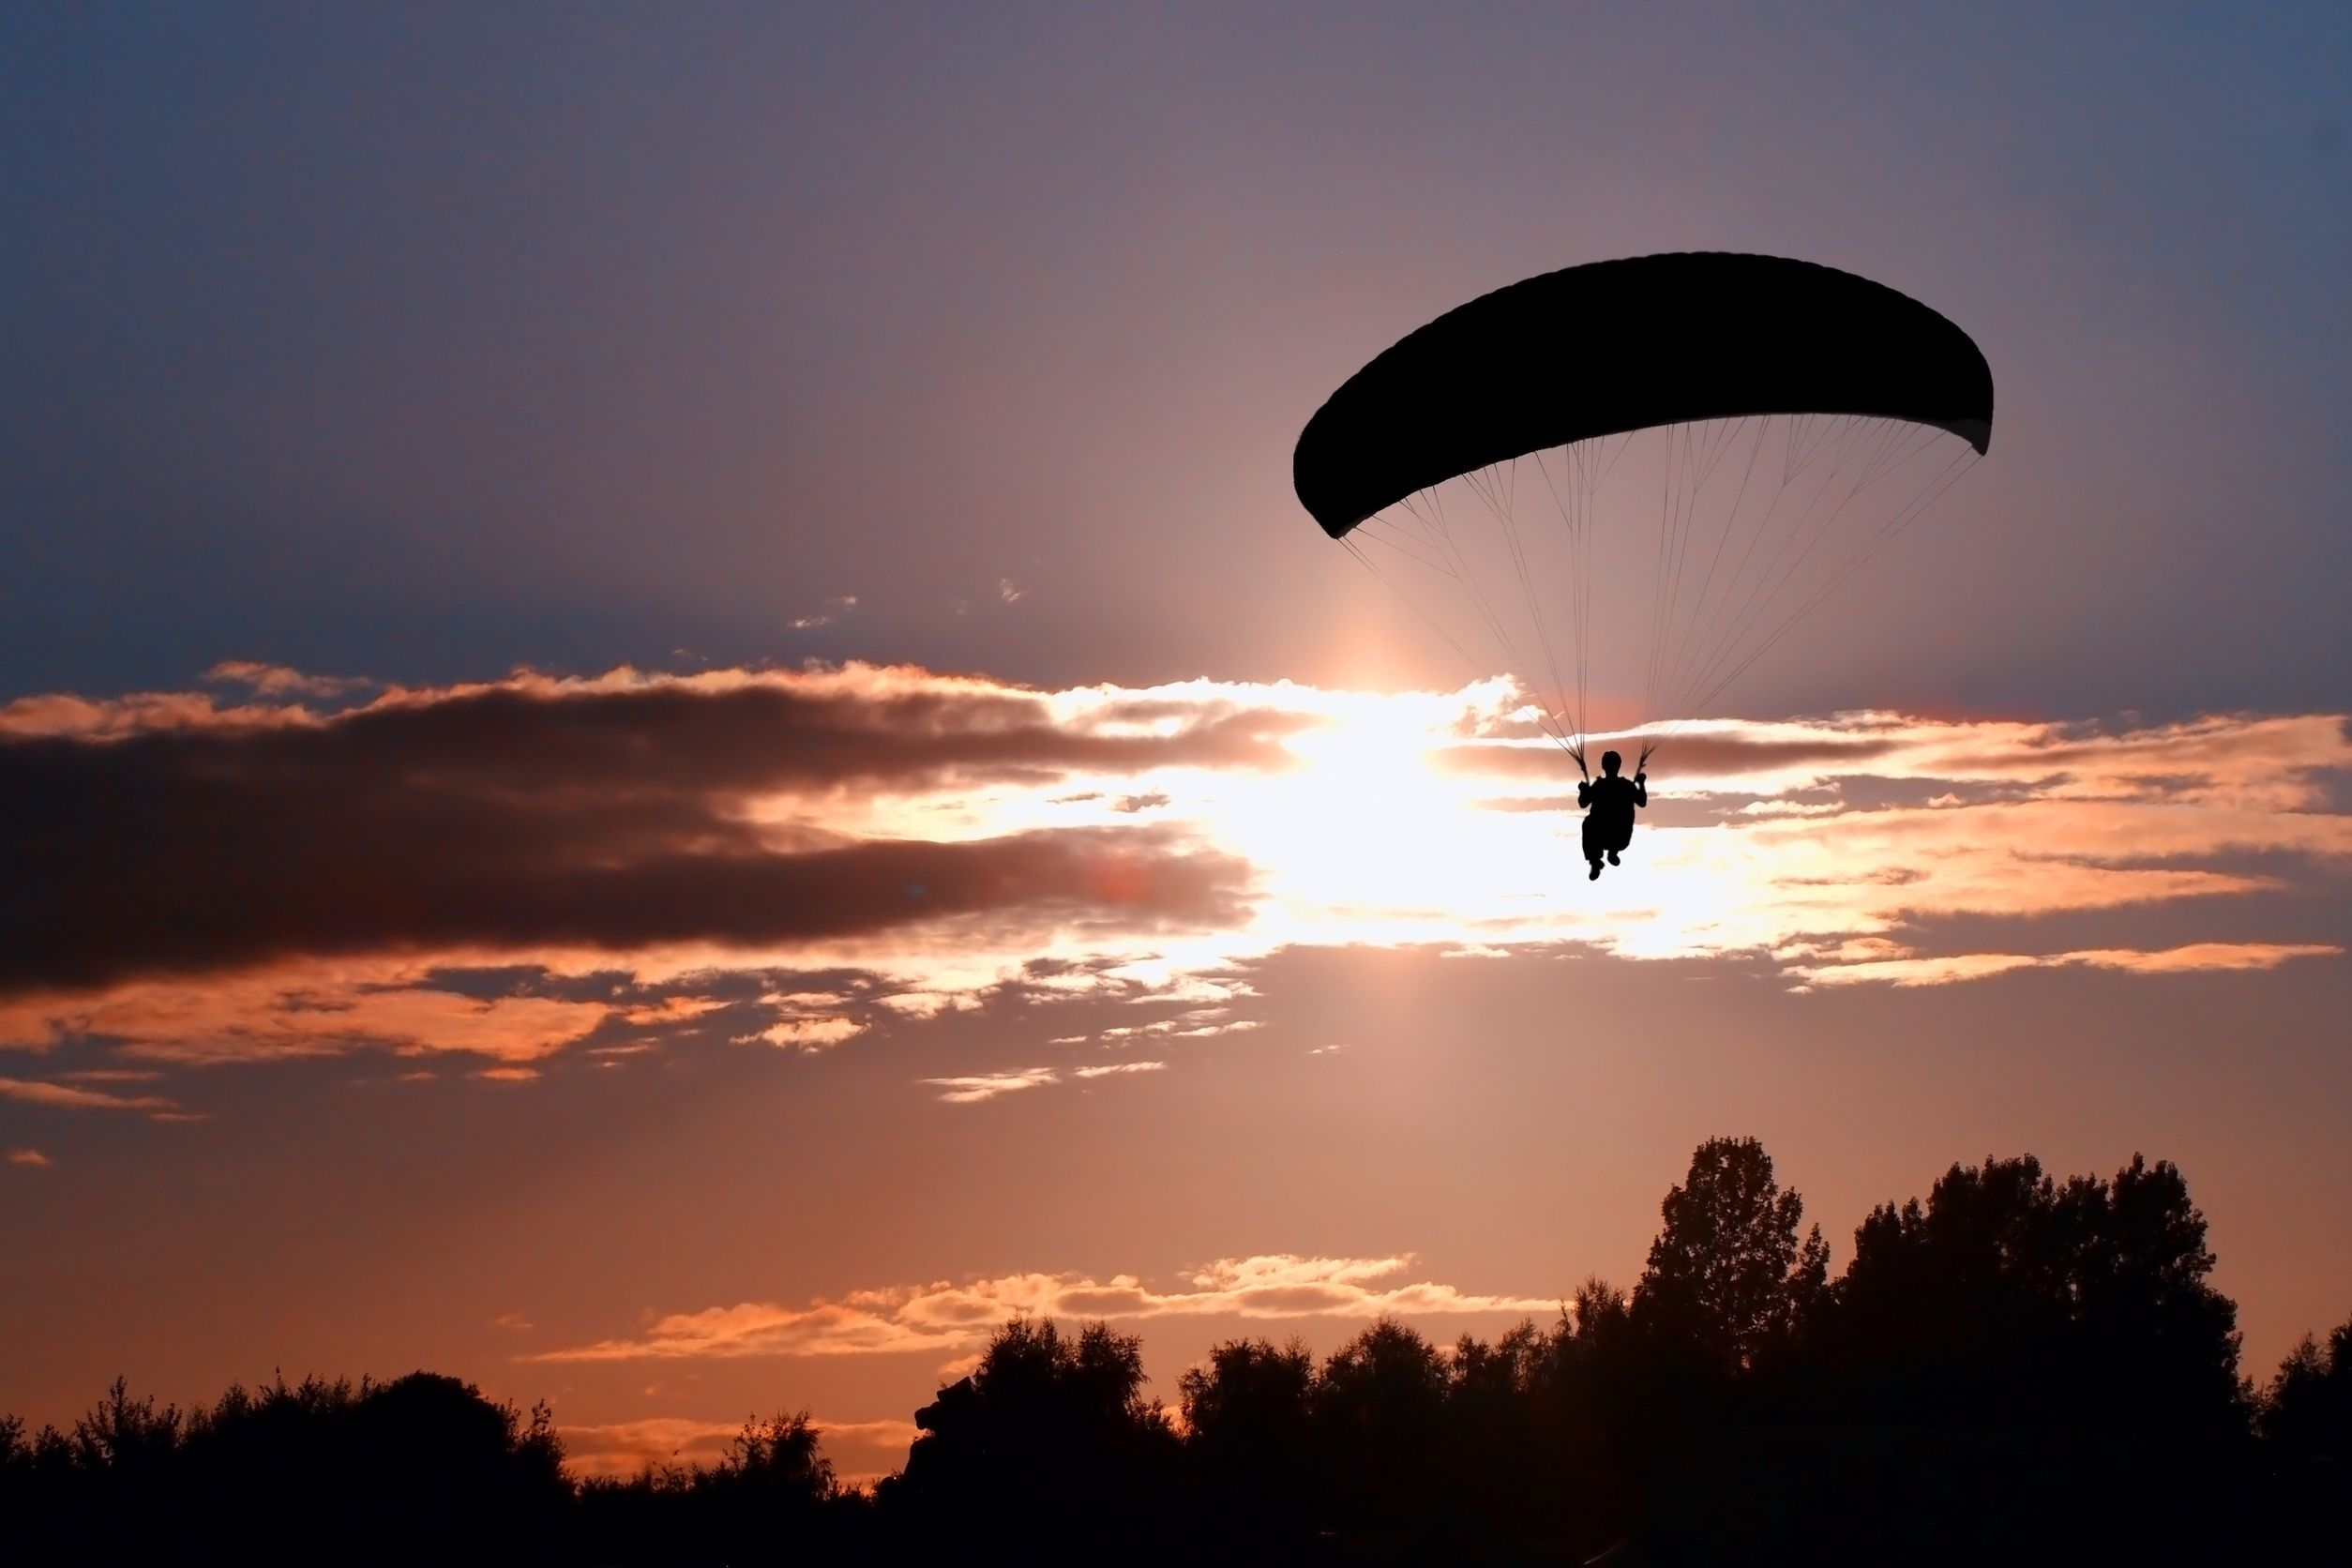 new zealand paraglider sunset 123rf